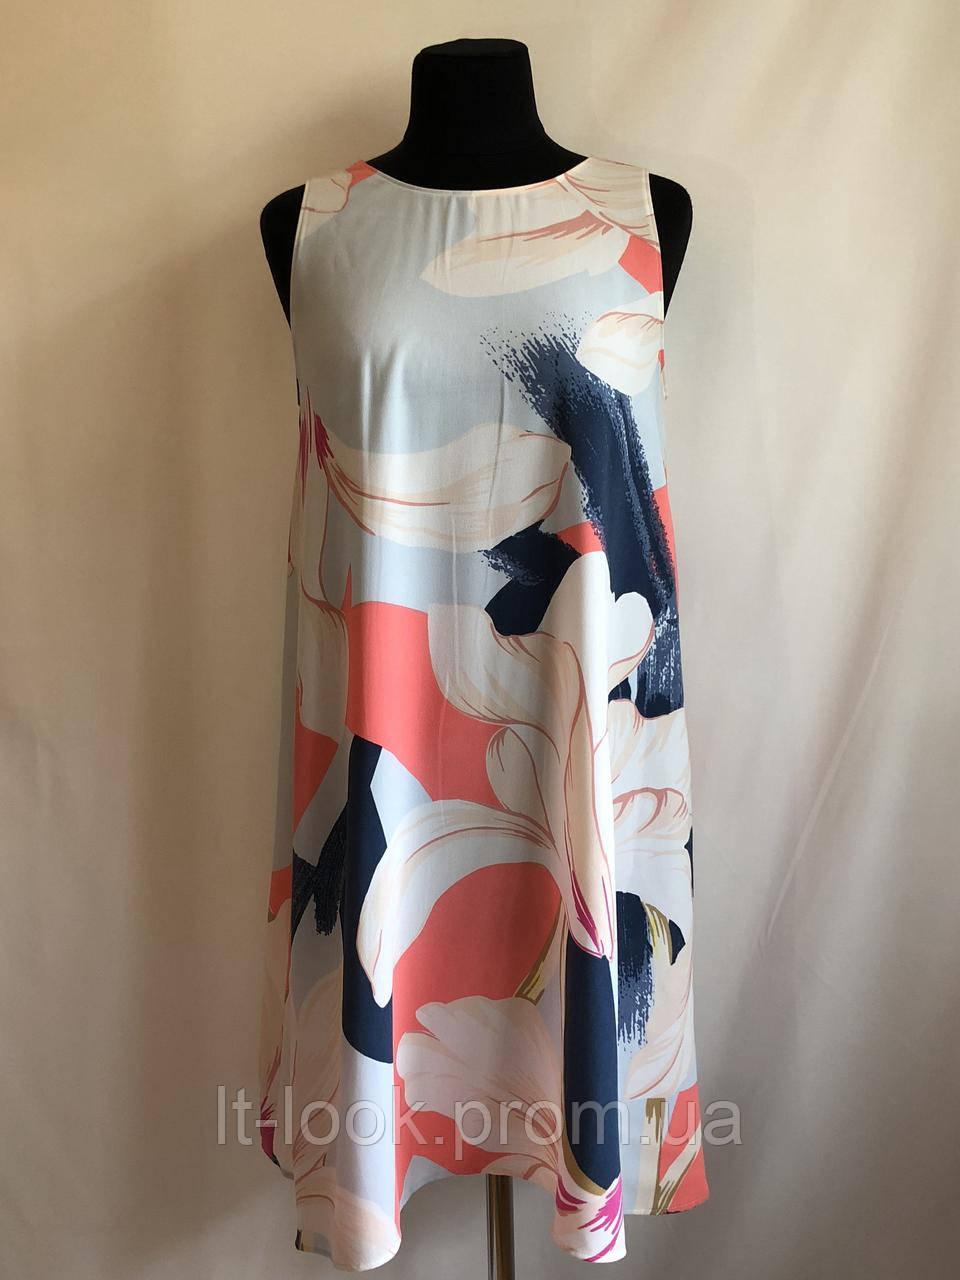 1b8e27d2f Платье